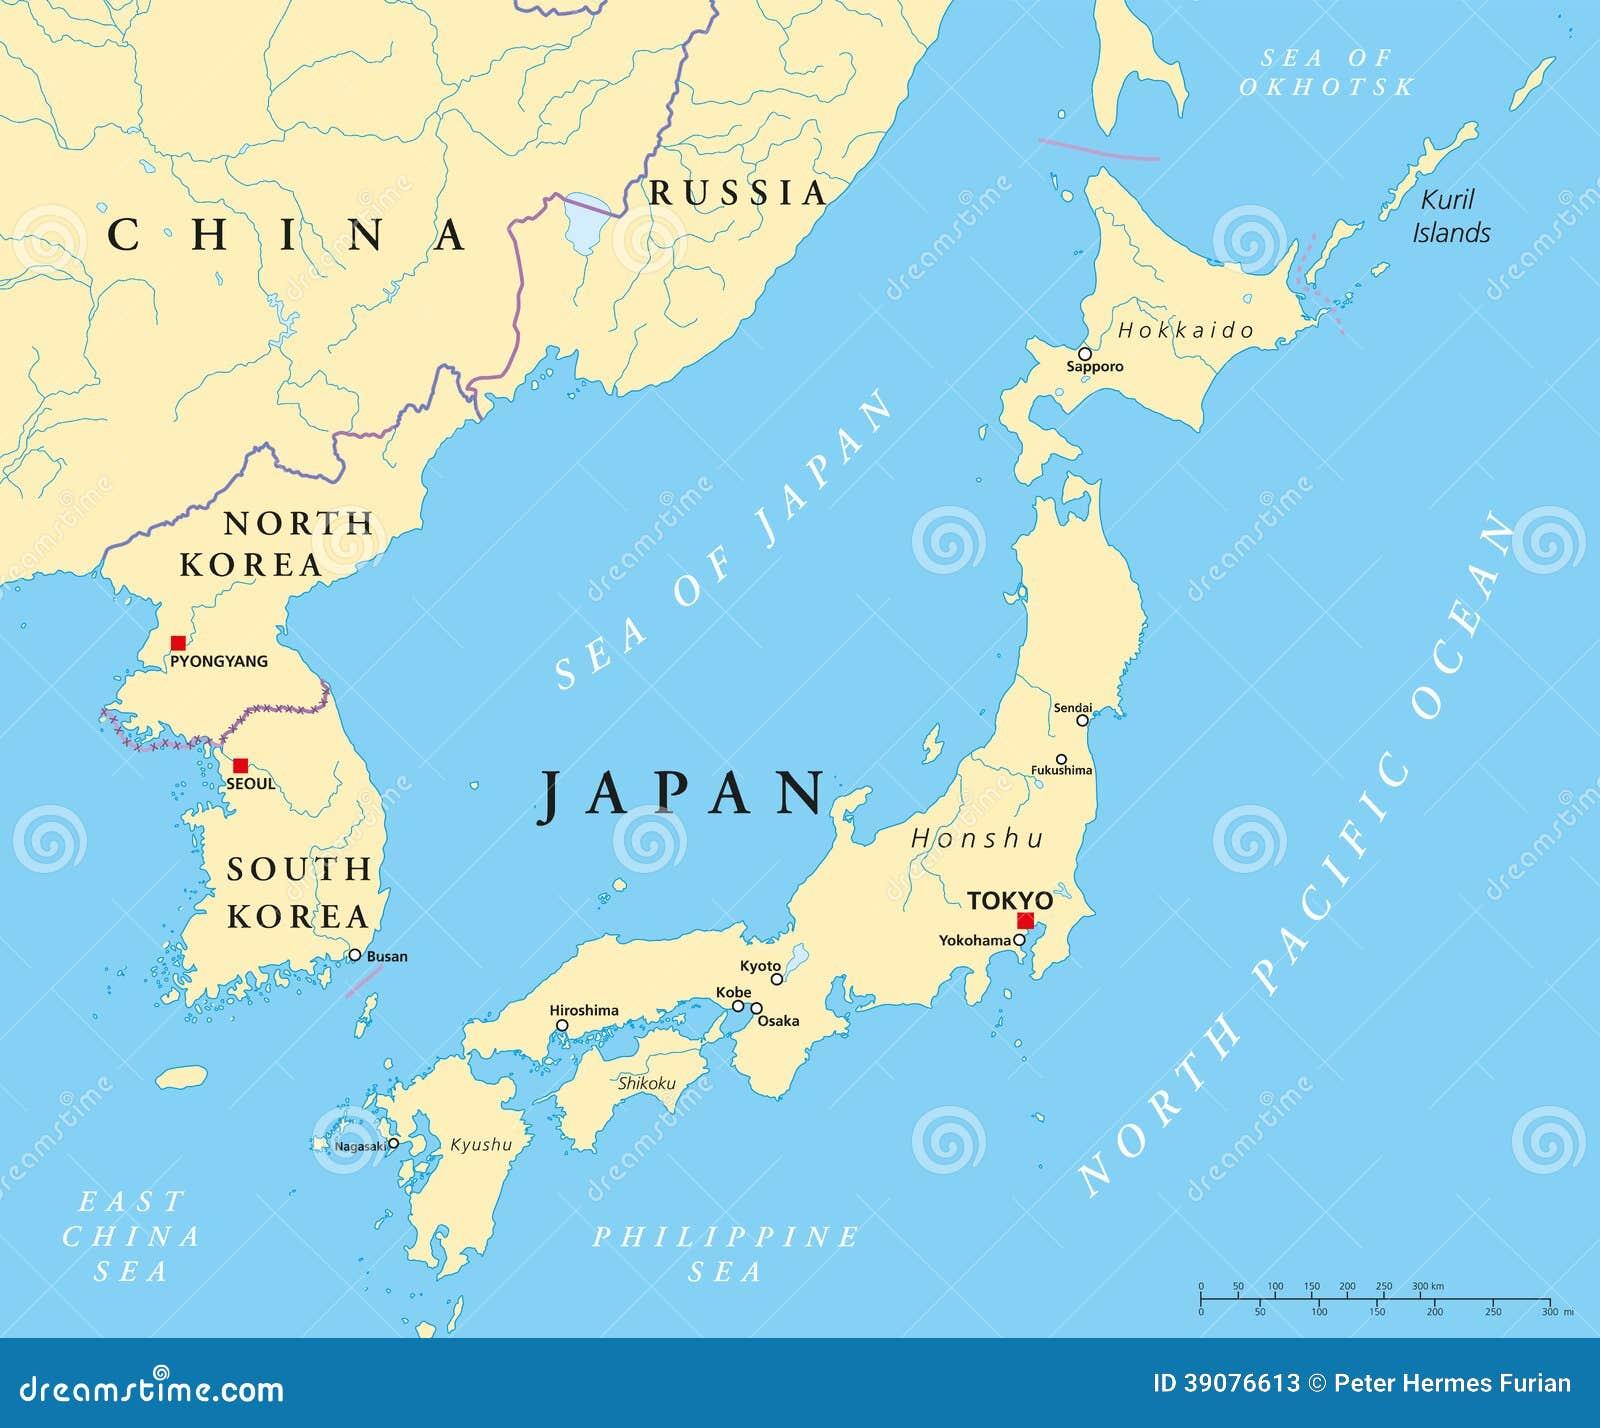 Le Japon, La Corée Du Nord Et La Carte Politique De La Corée Du